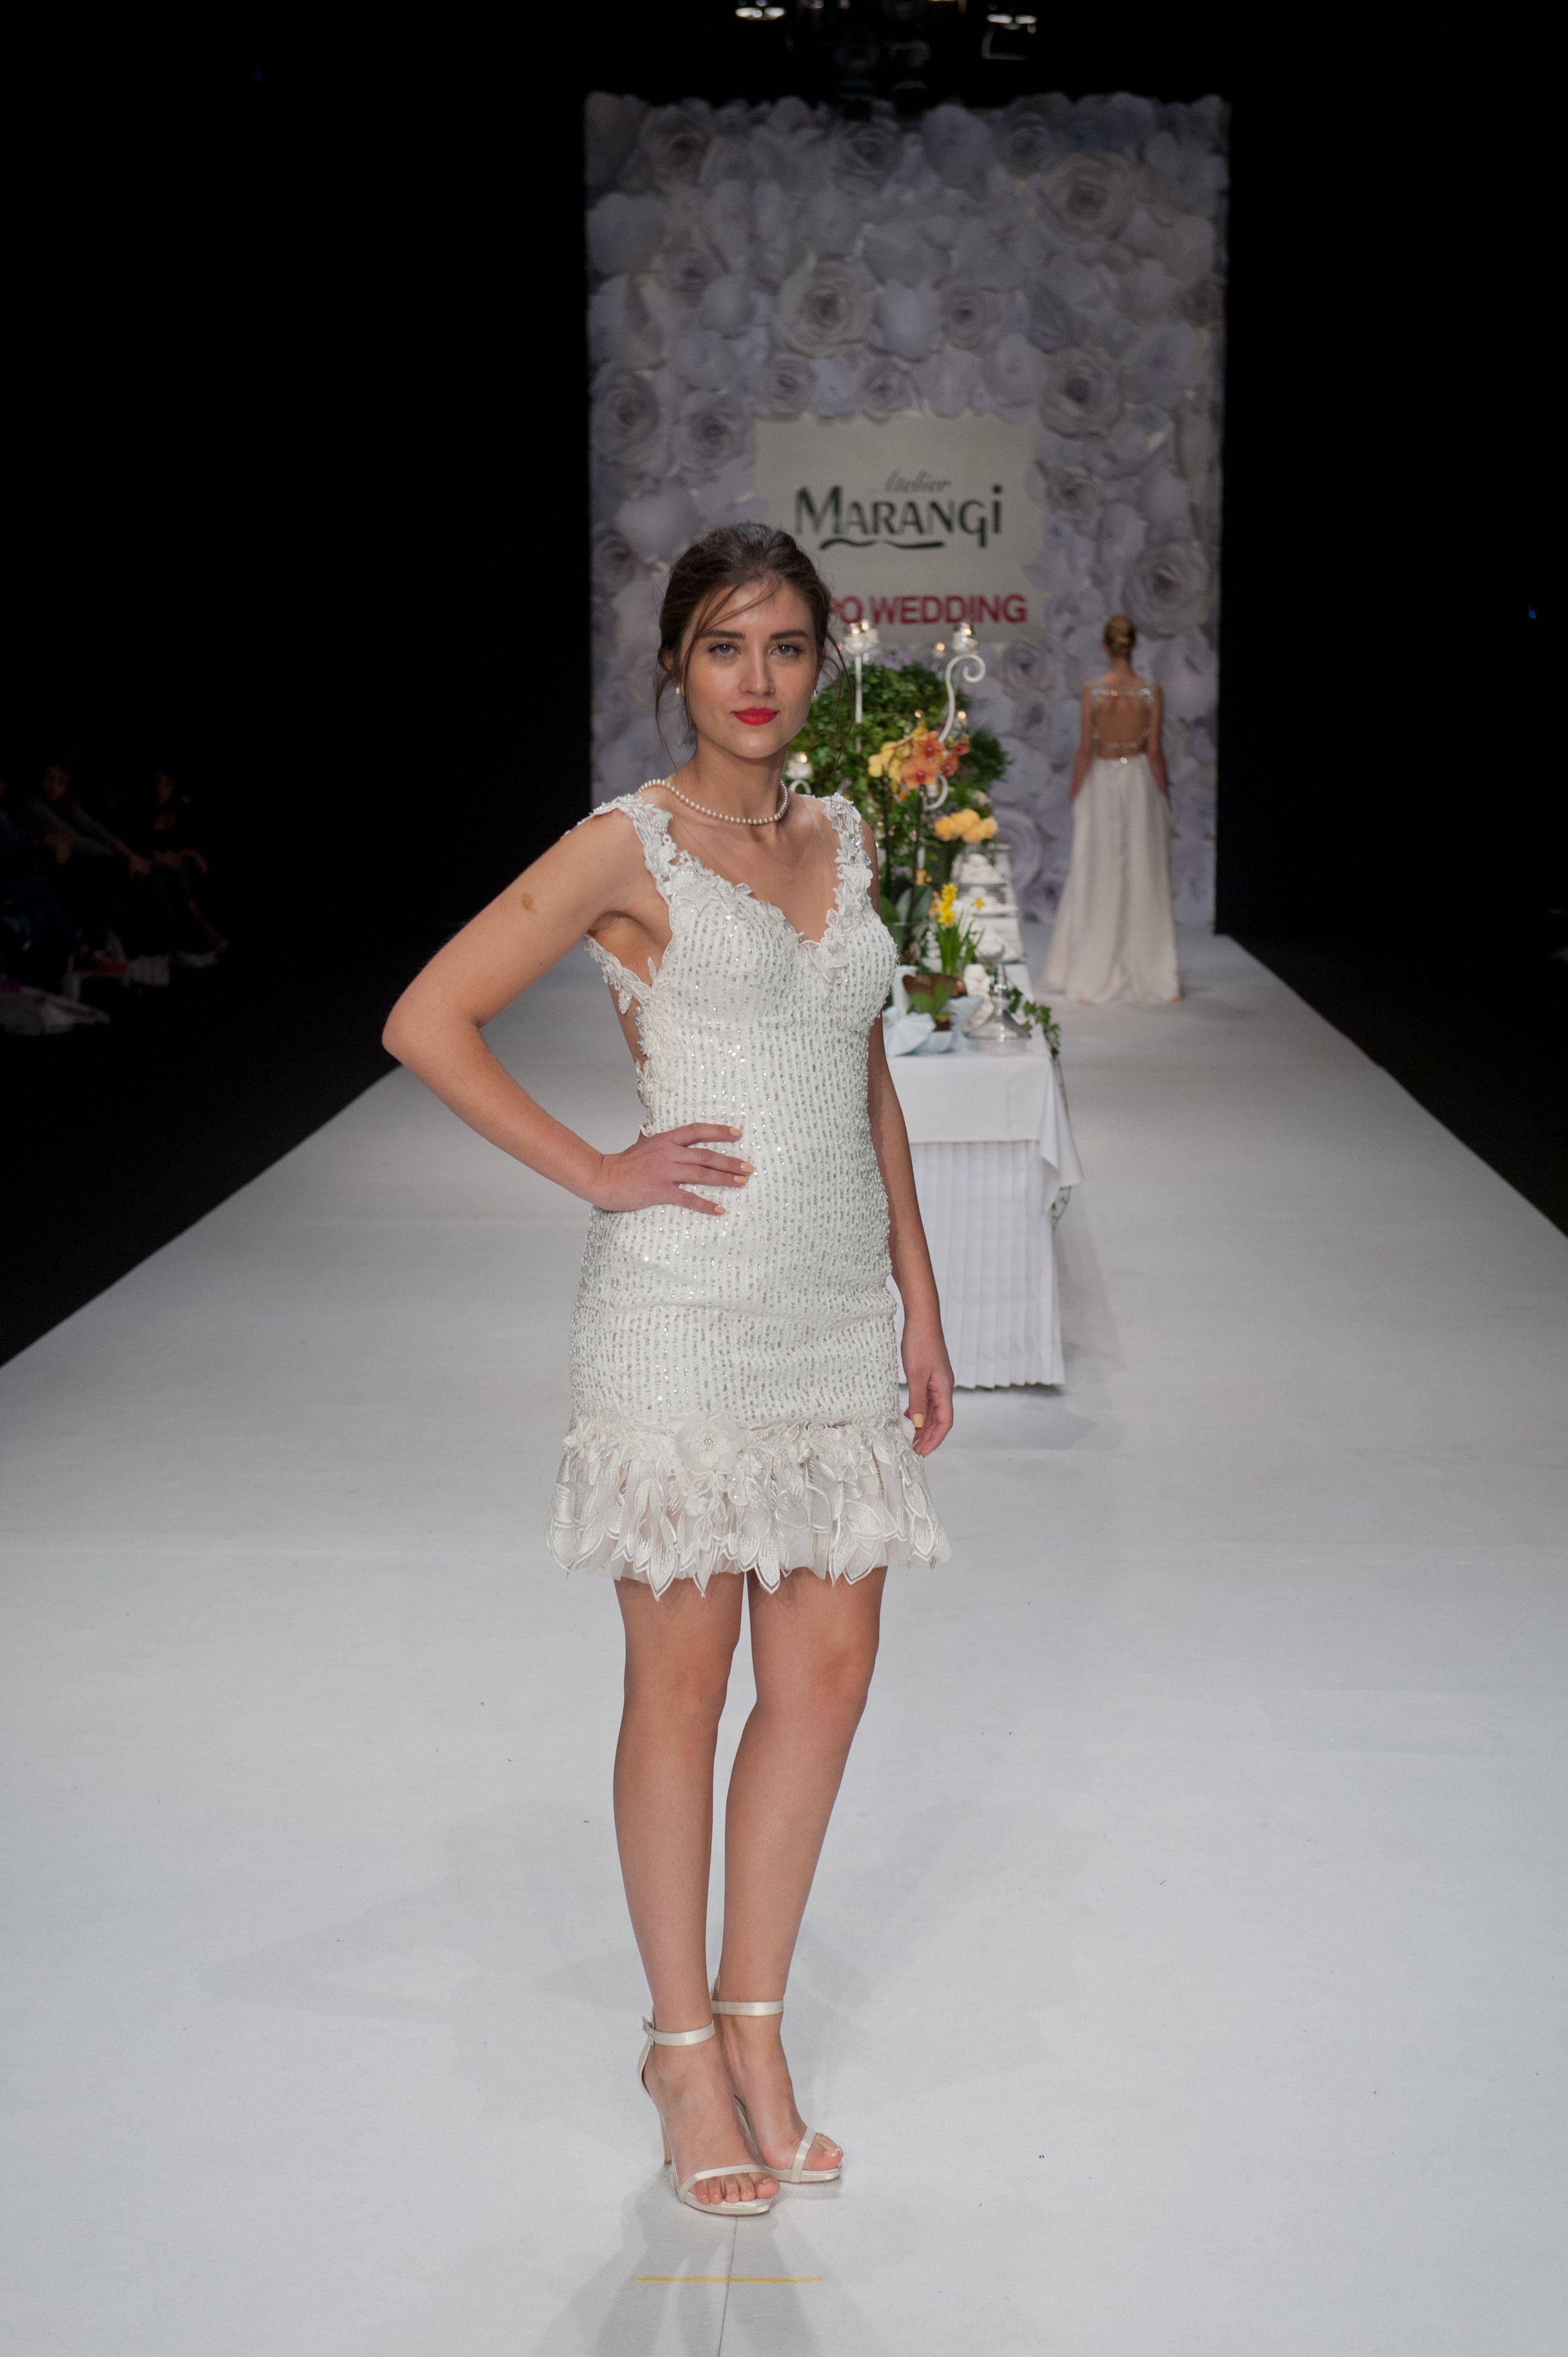 Νυφικό Φόρεμα Γοργονέ - 1030